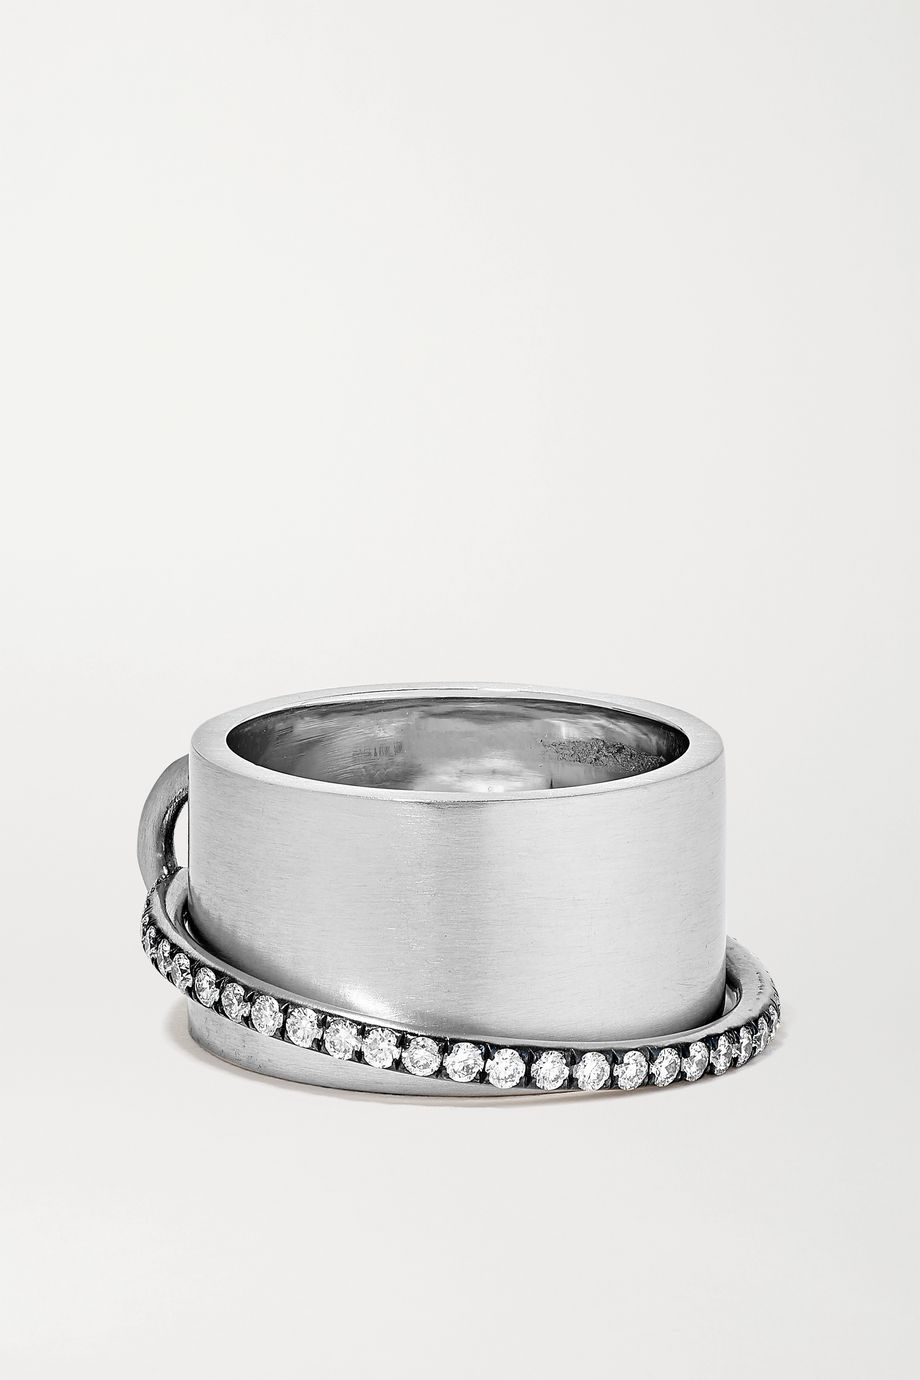 Sylva & Cie Satellite Ring aus 18 Karat Weißgold mit Diamanten